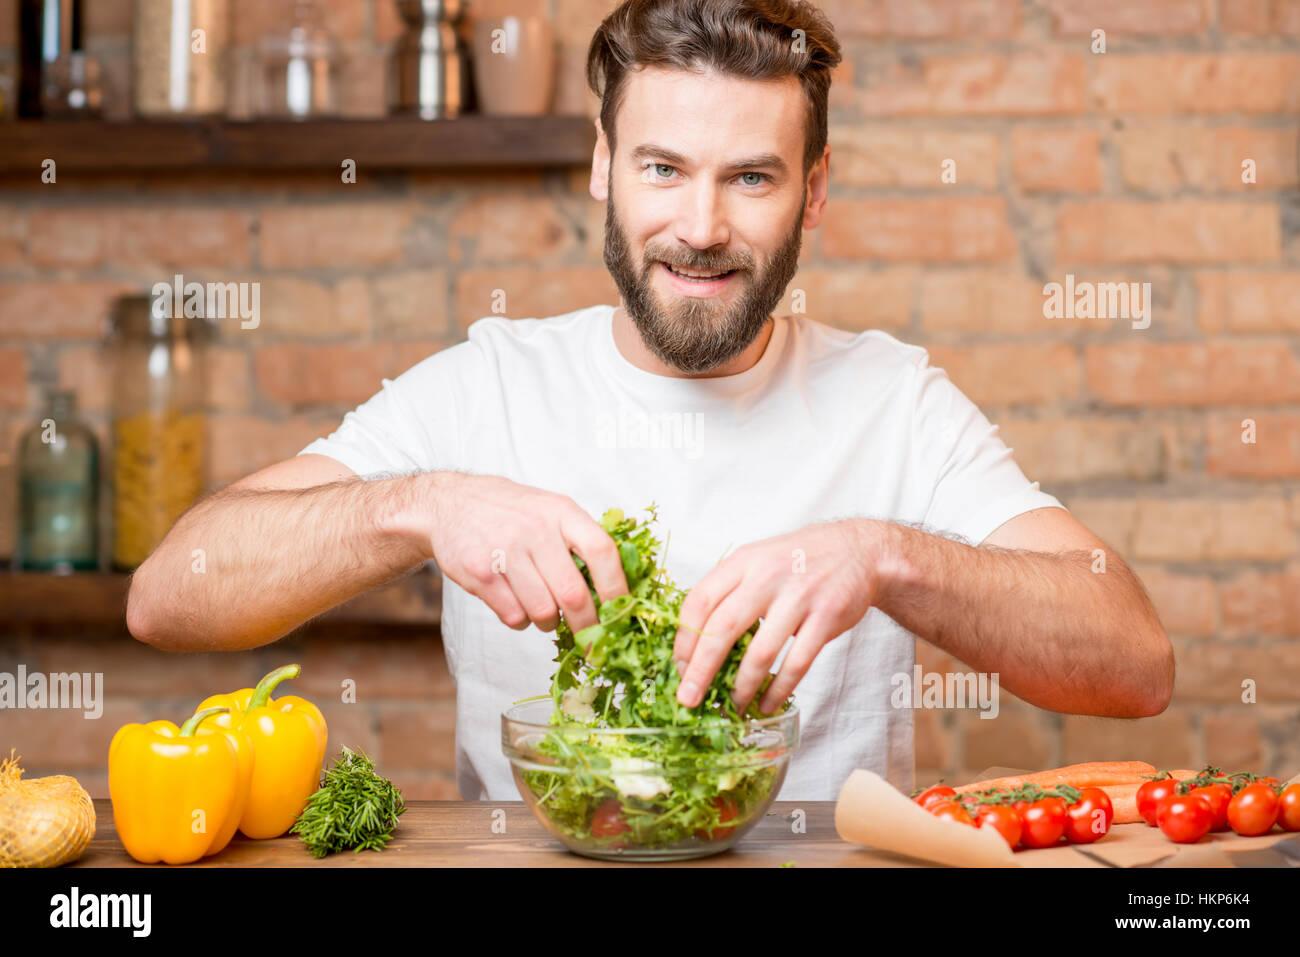 Man making salad - Stock Image